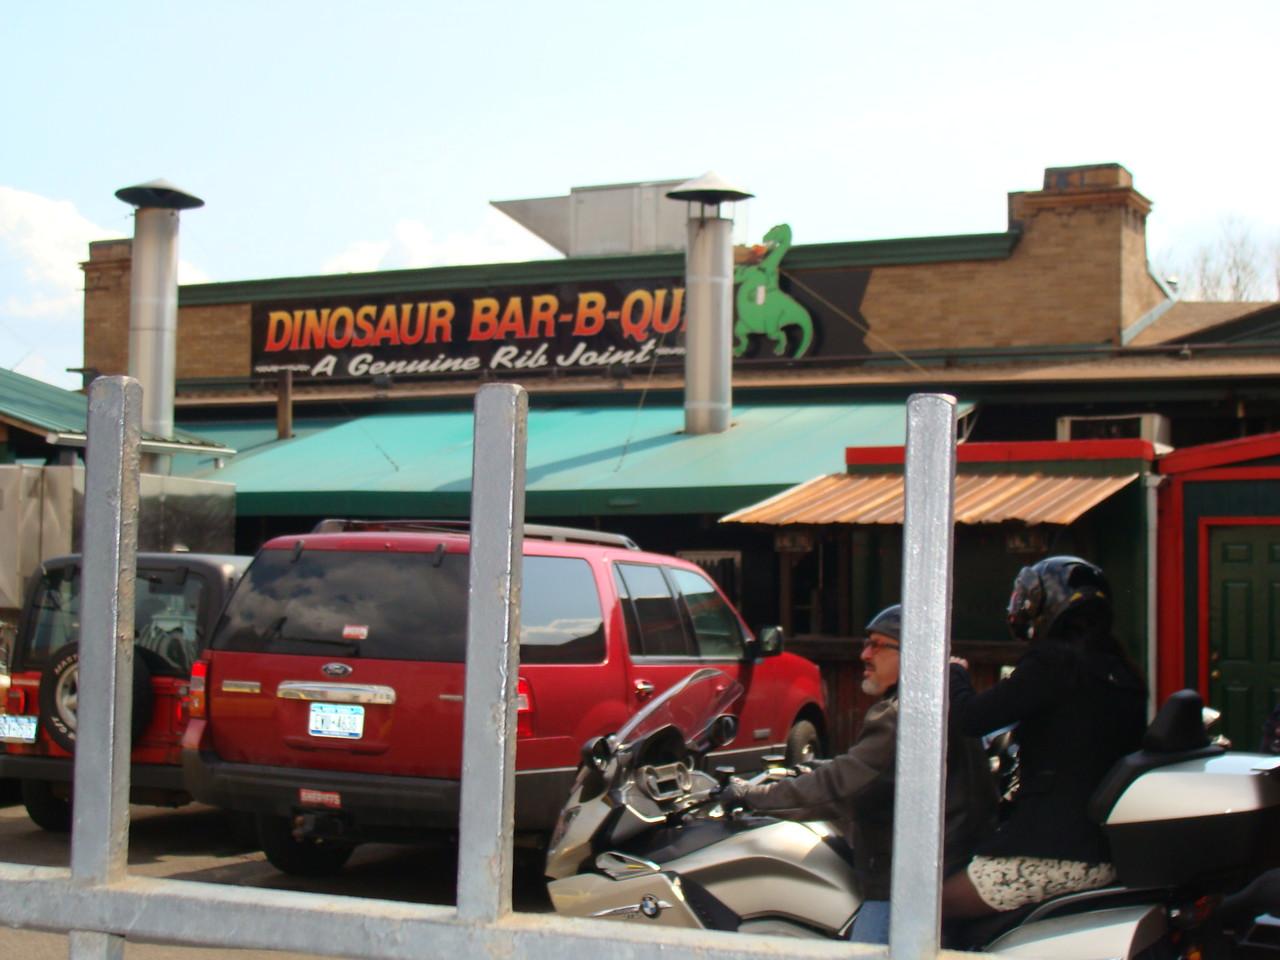 Dinosaur Bar-B-Que Restaurant